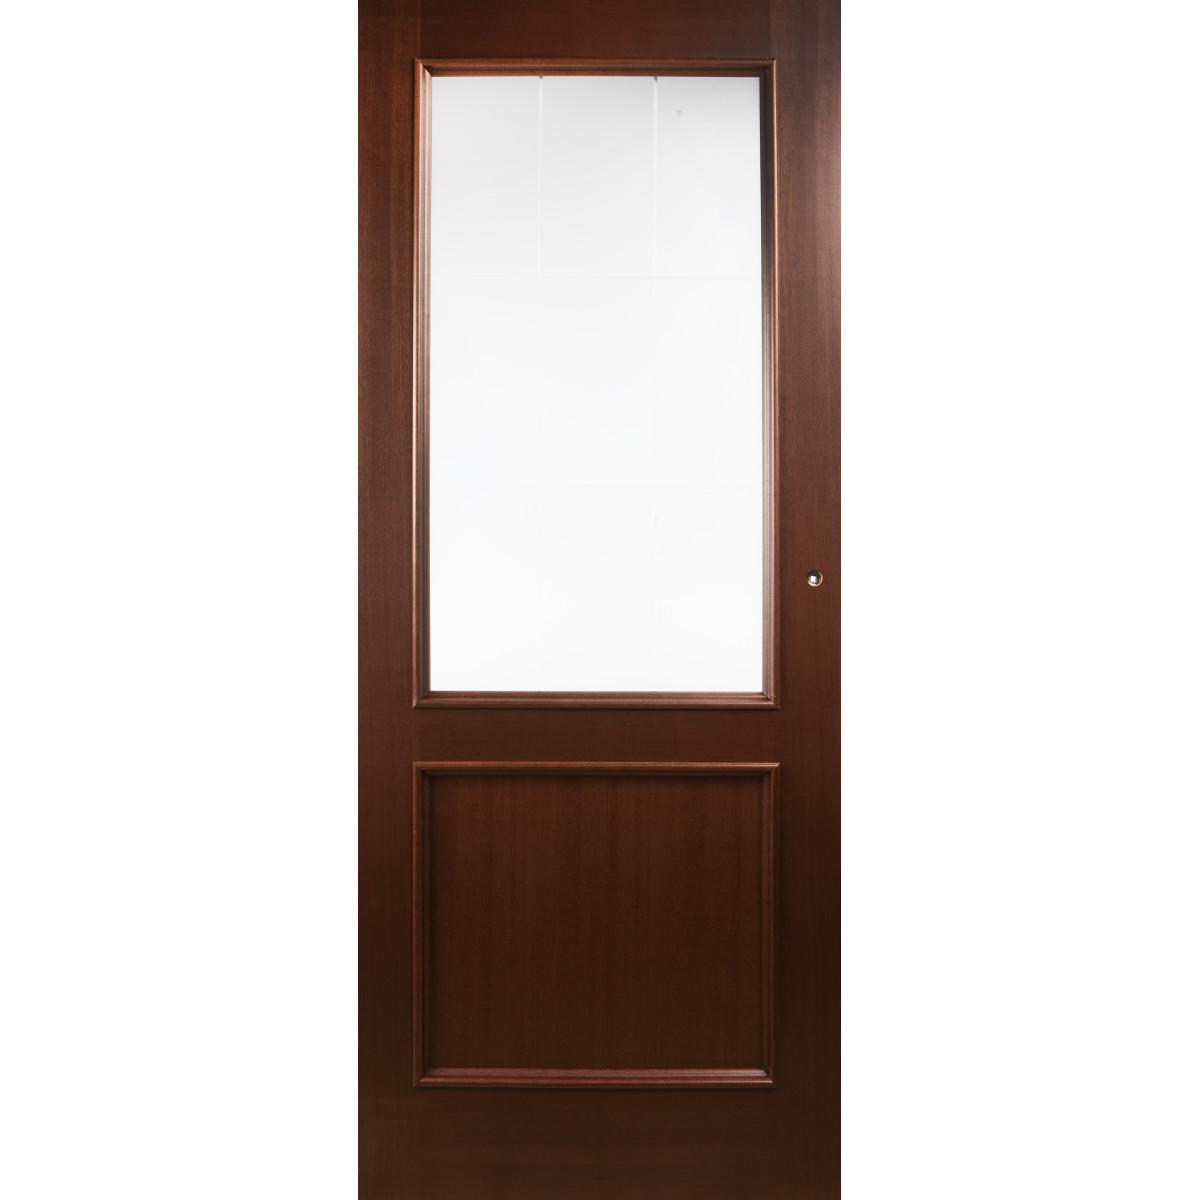 Дверь межкомнатная остеклённая шпонированное Этерно 60x200 см цвет итальянский орех